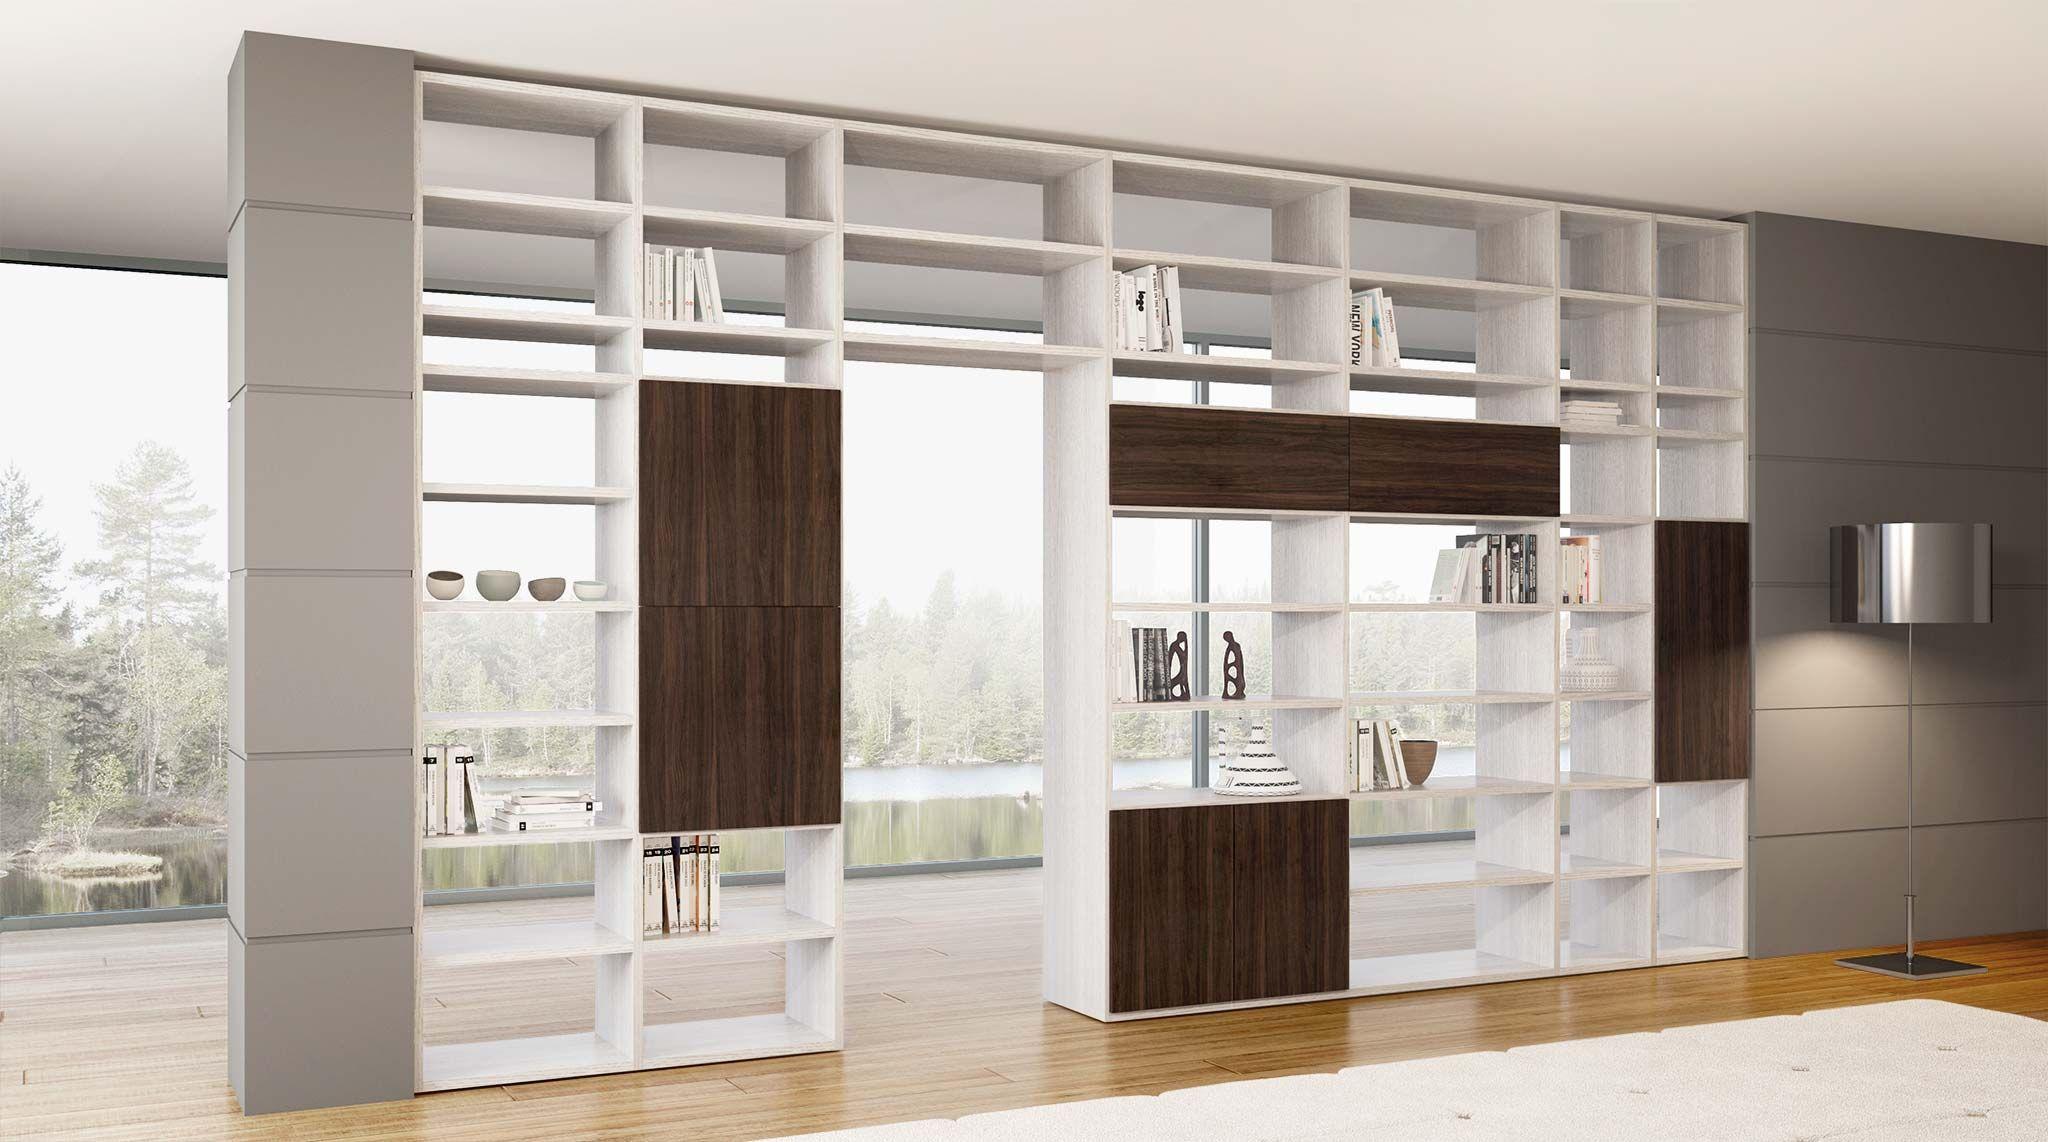 Libreria bifacciale componibile Systema-B | Salons